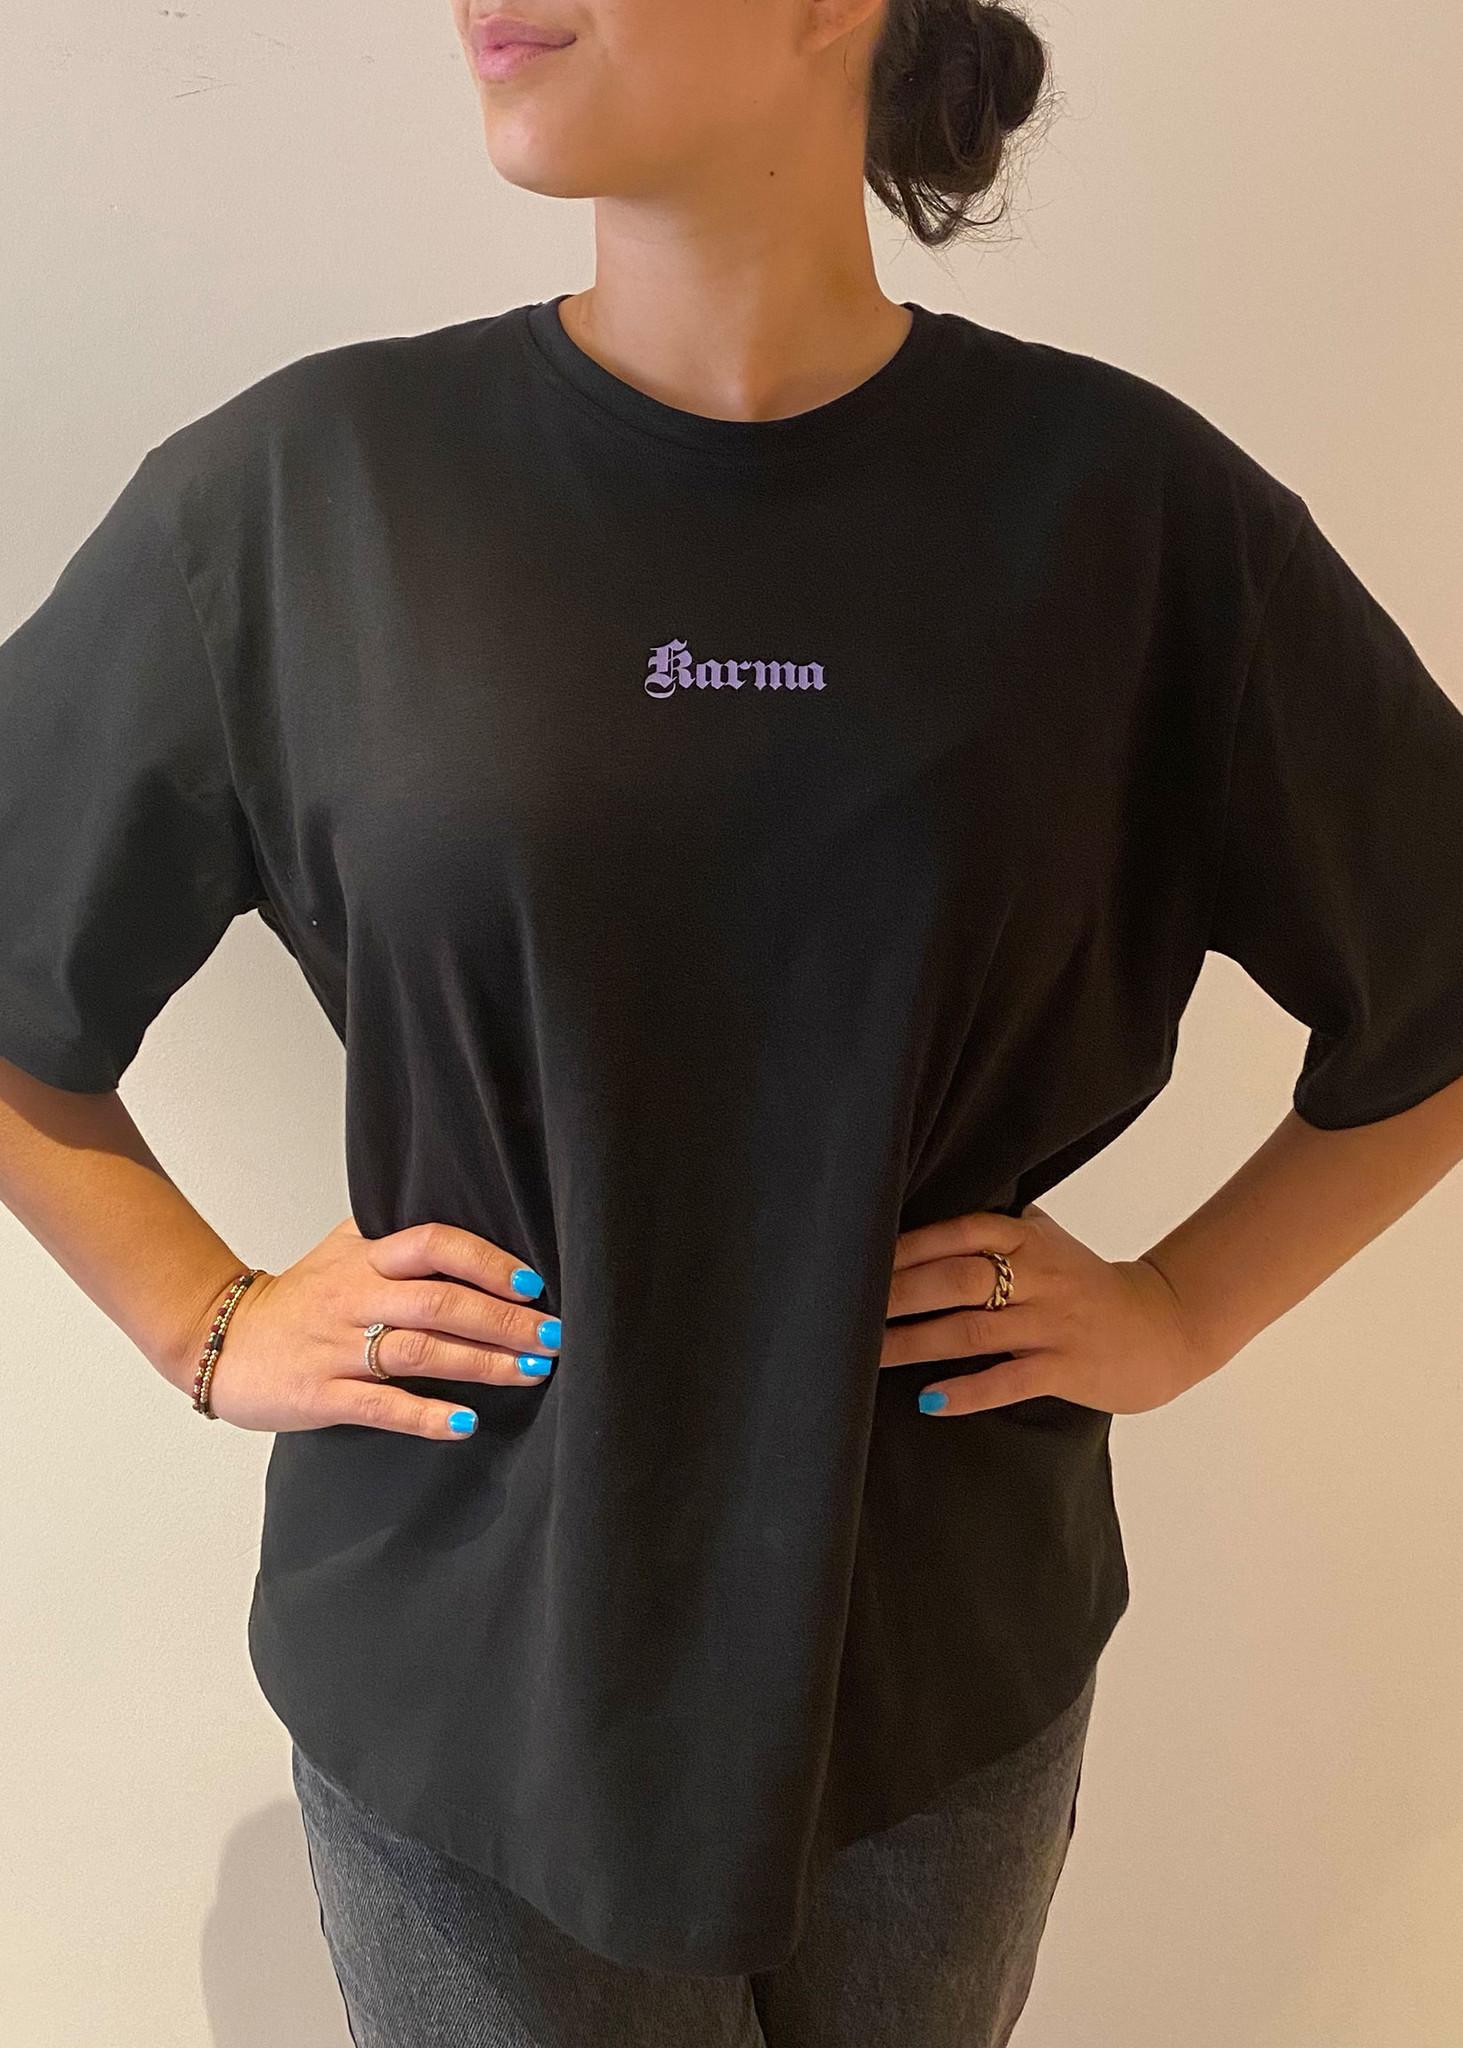 Karma Printed T-Shirt Black-1